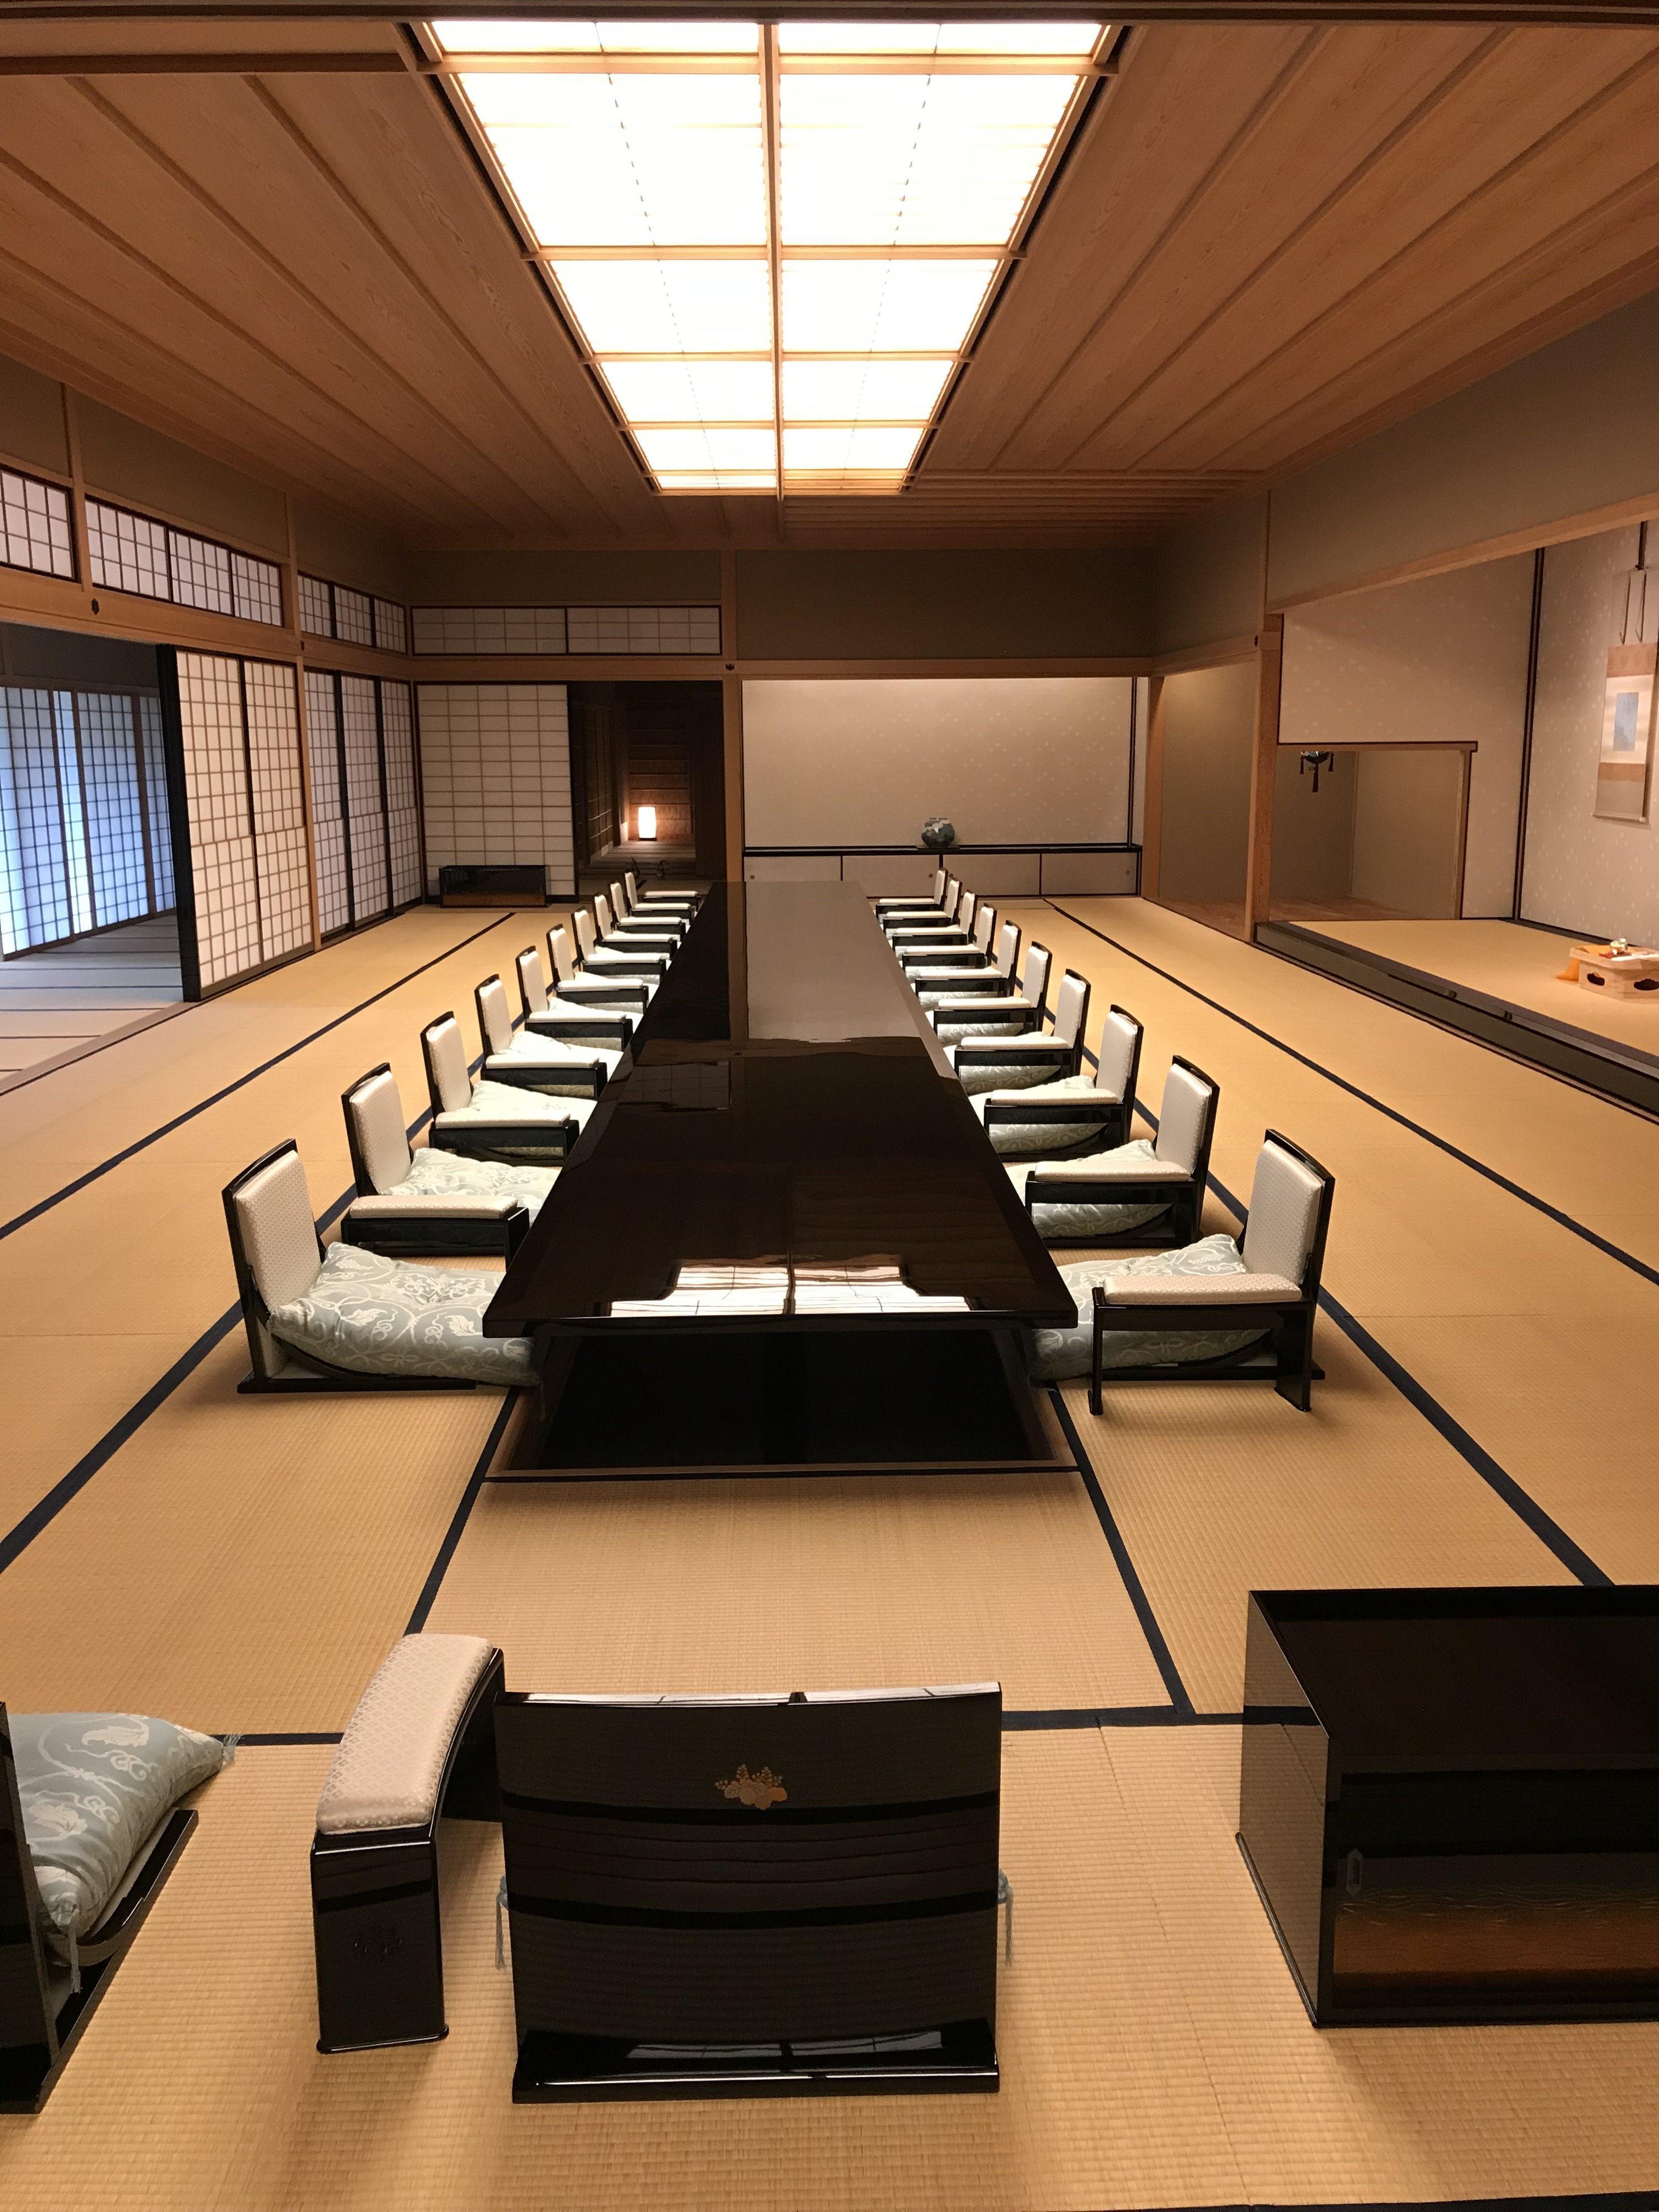 Kyoto Sightseeing: In Pantoffeln durchs Gästehaus des Kaiserreichs